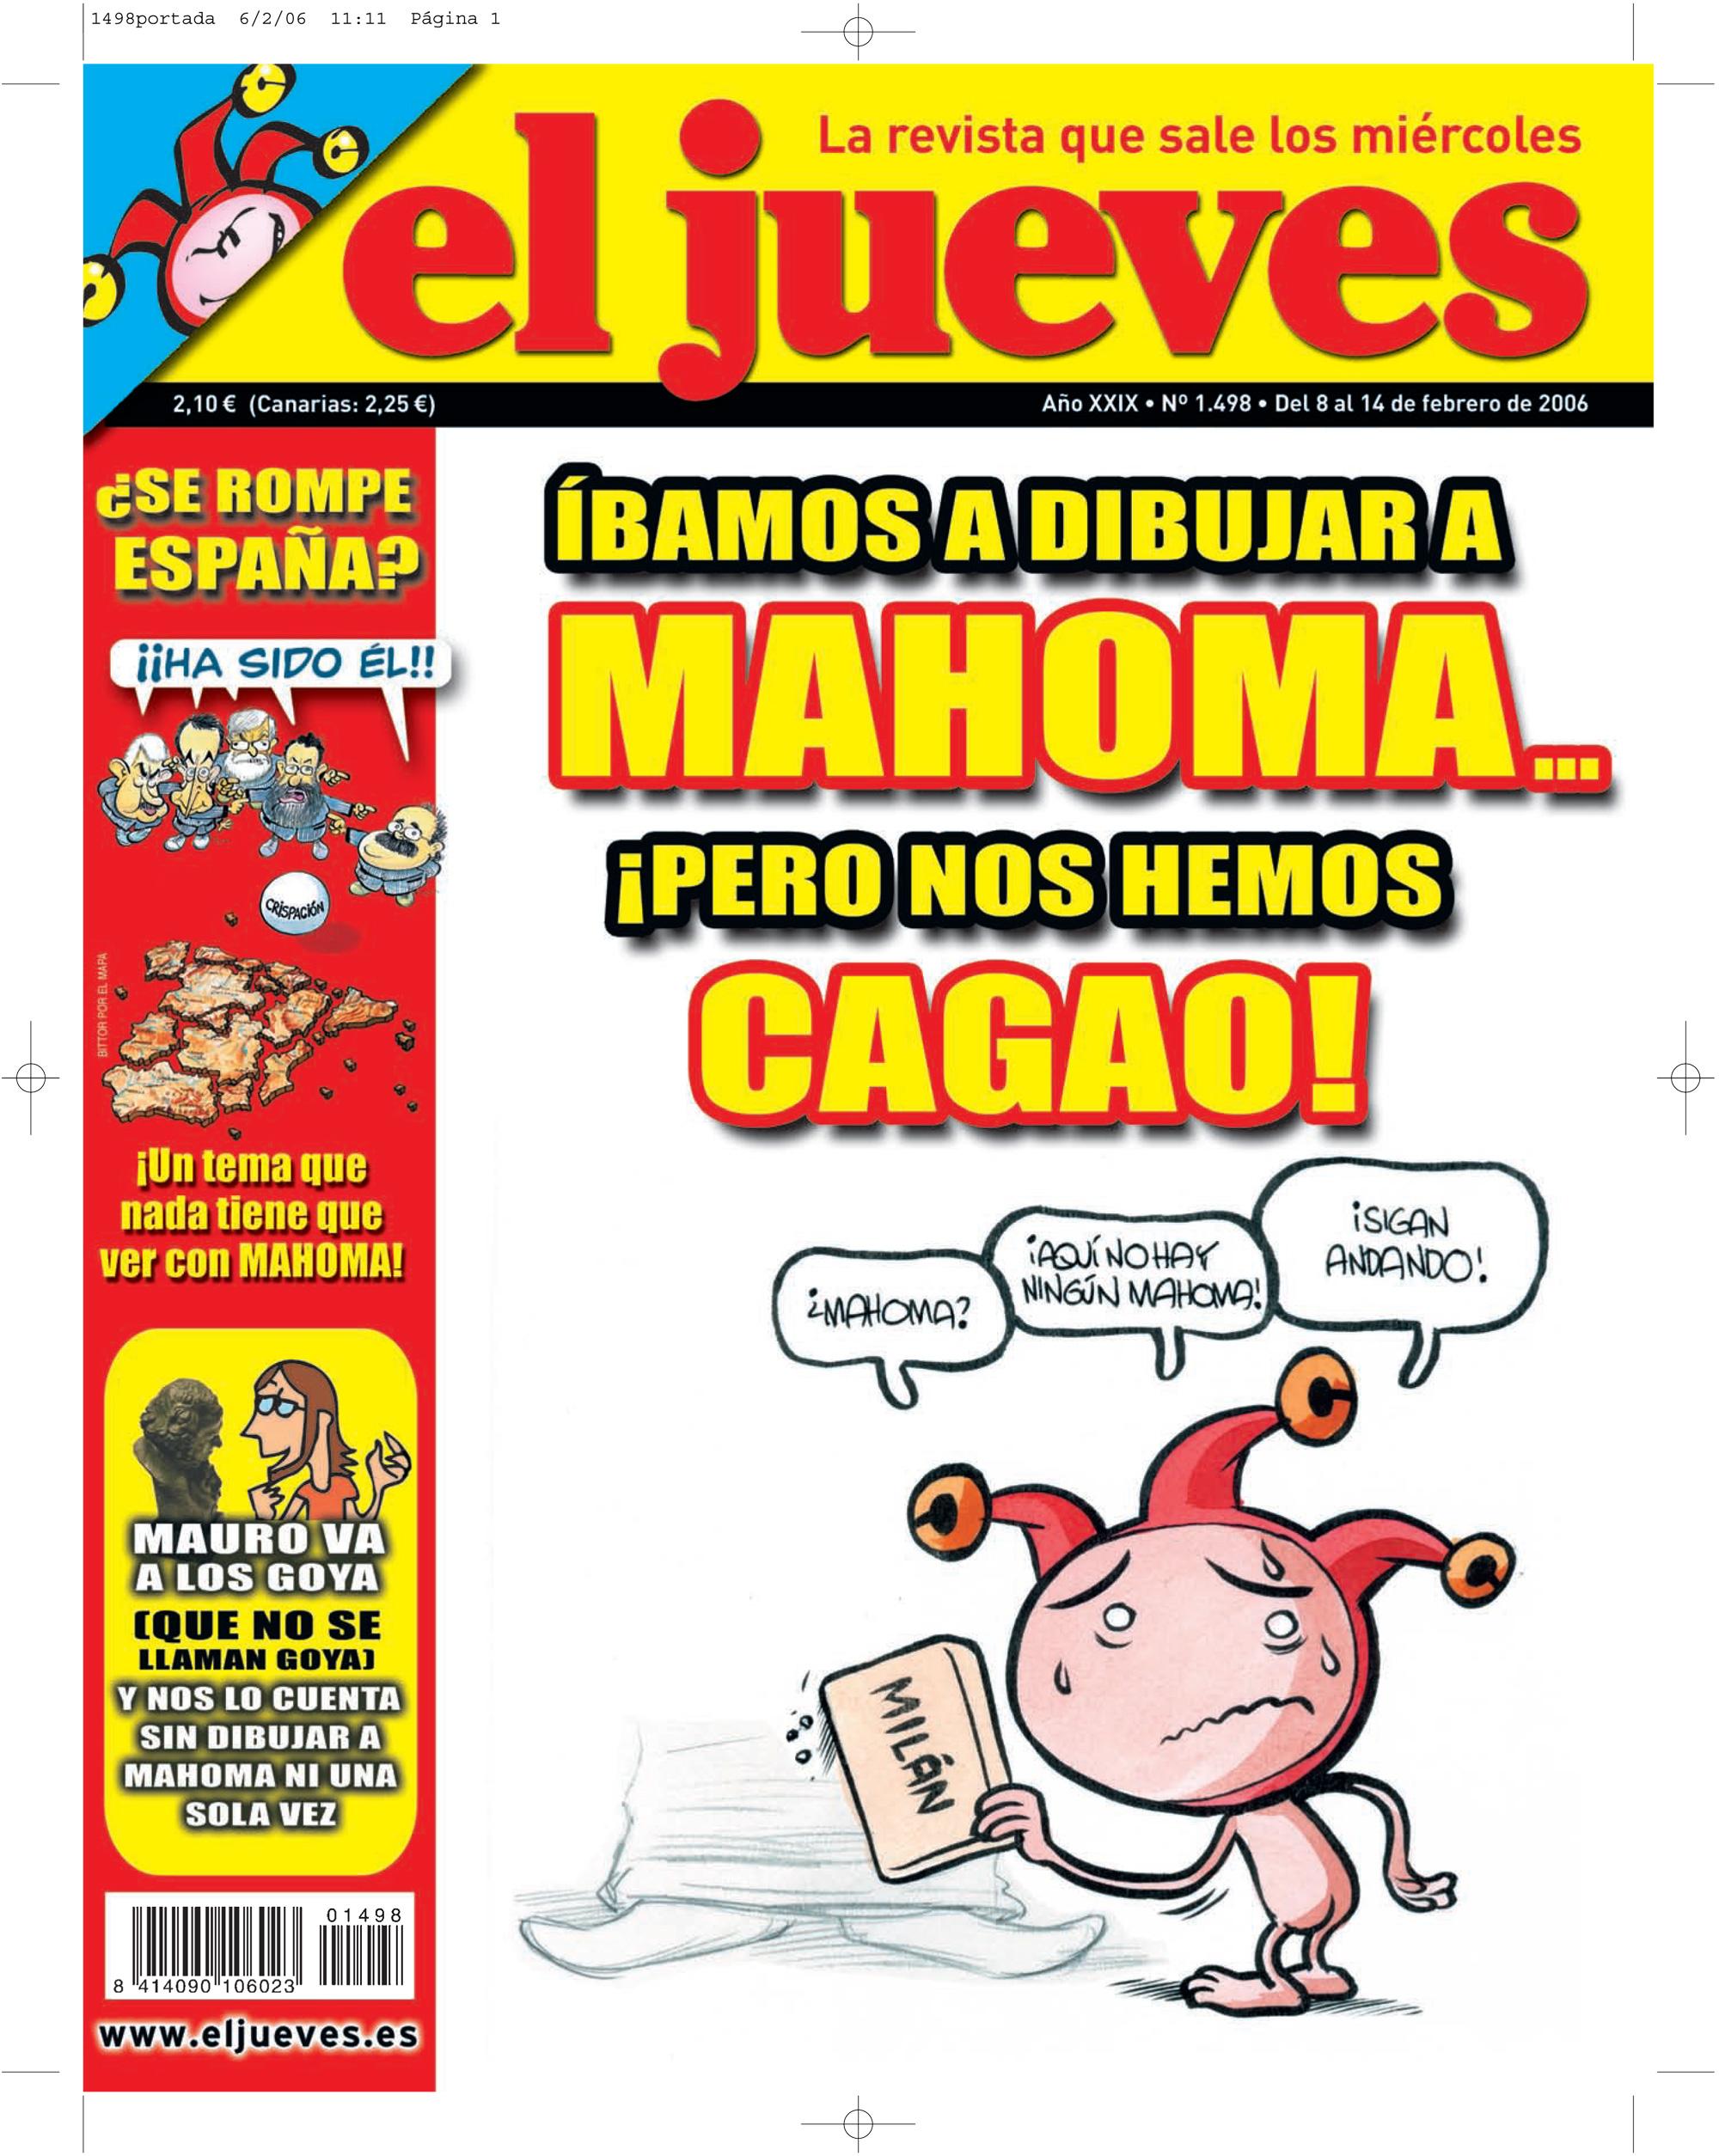 Tolerancia contra fanatismo - Página 2 2012-09-20-PortadaMahoma1